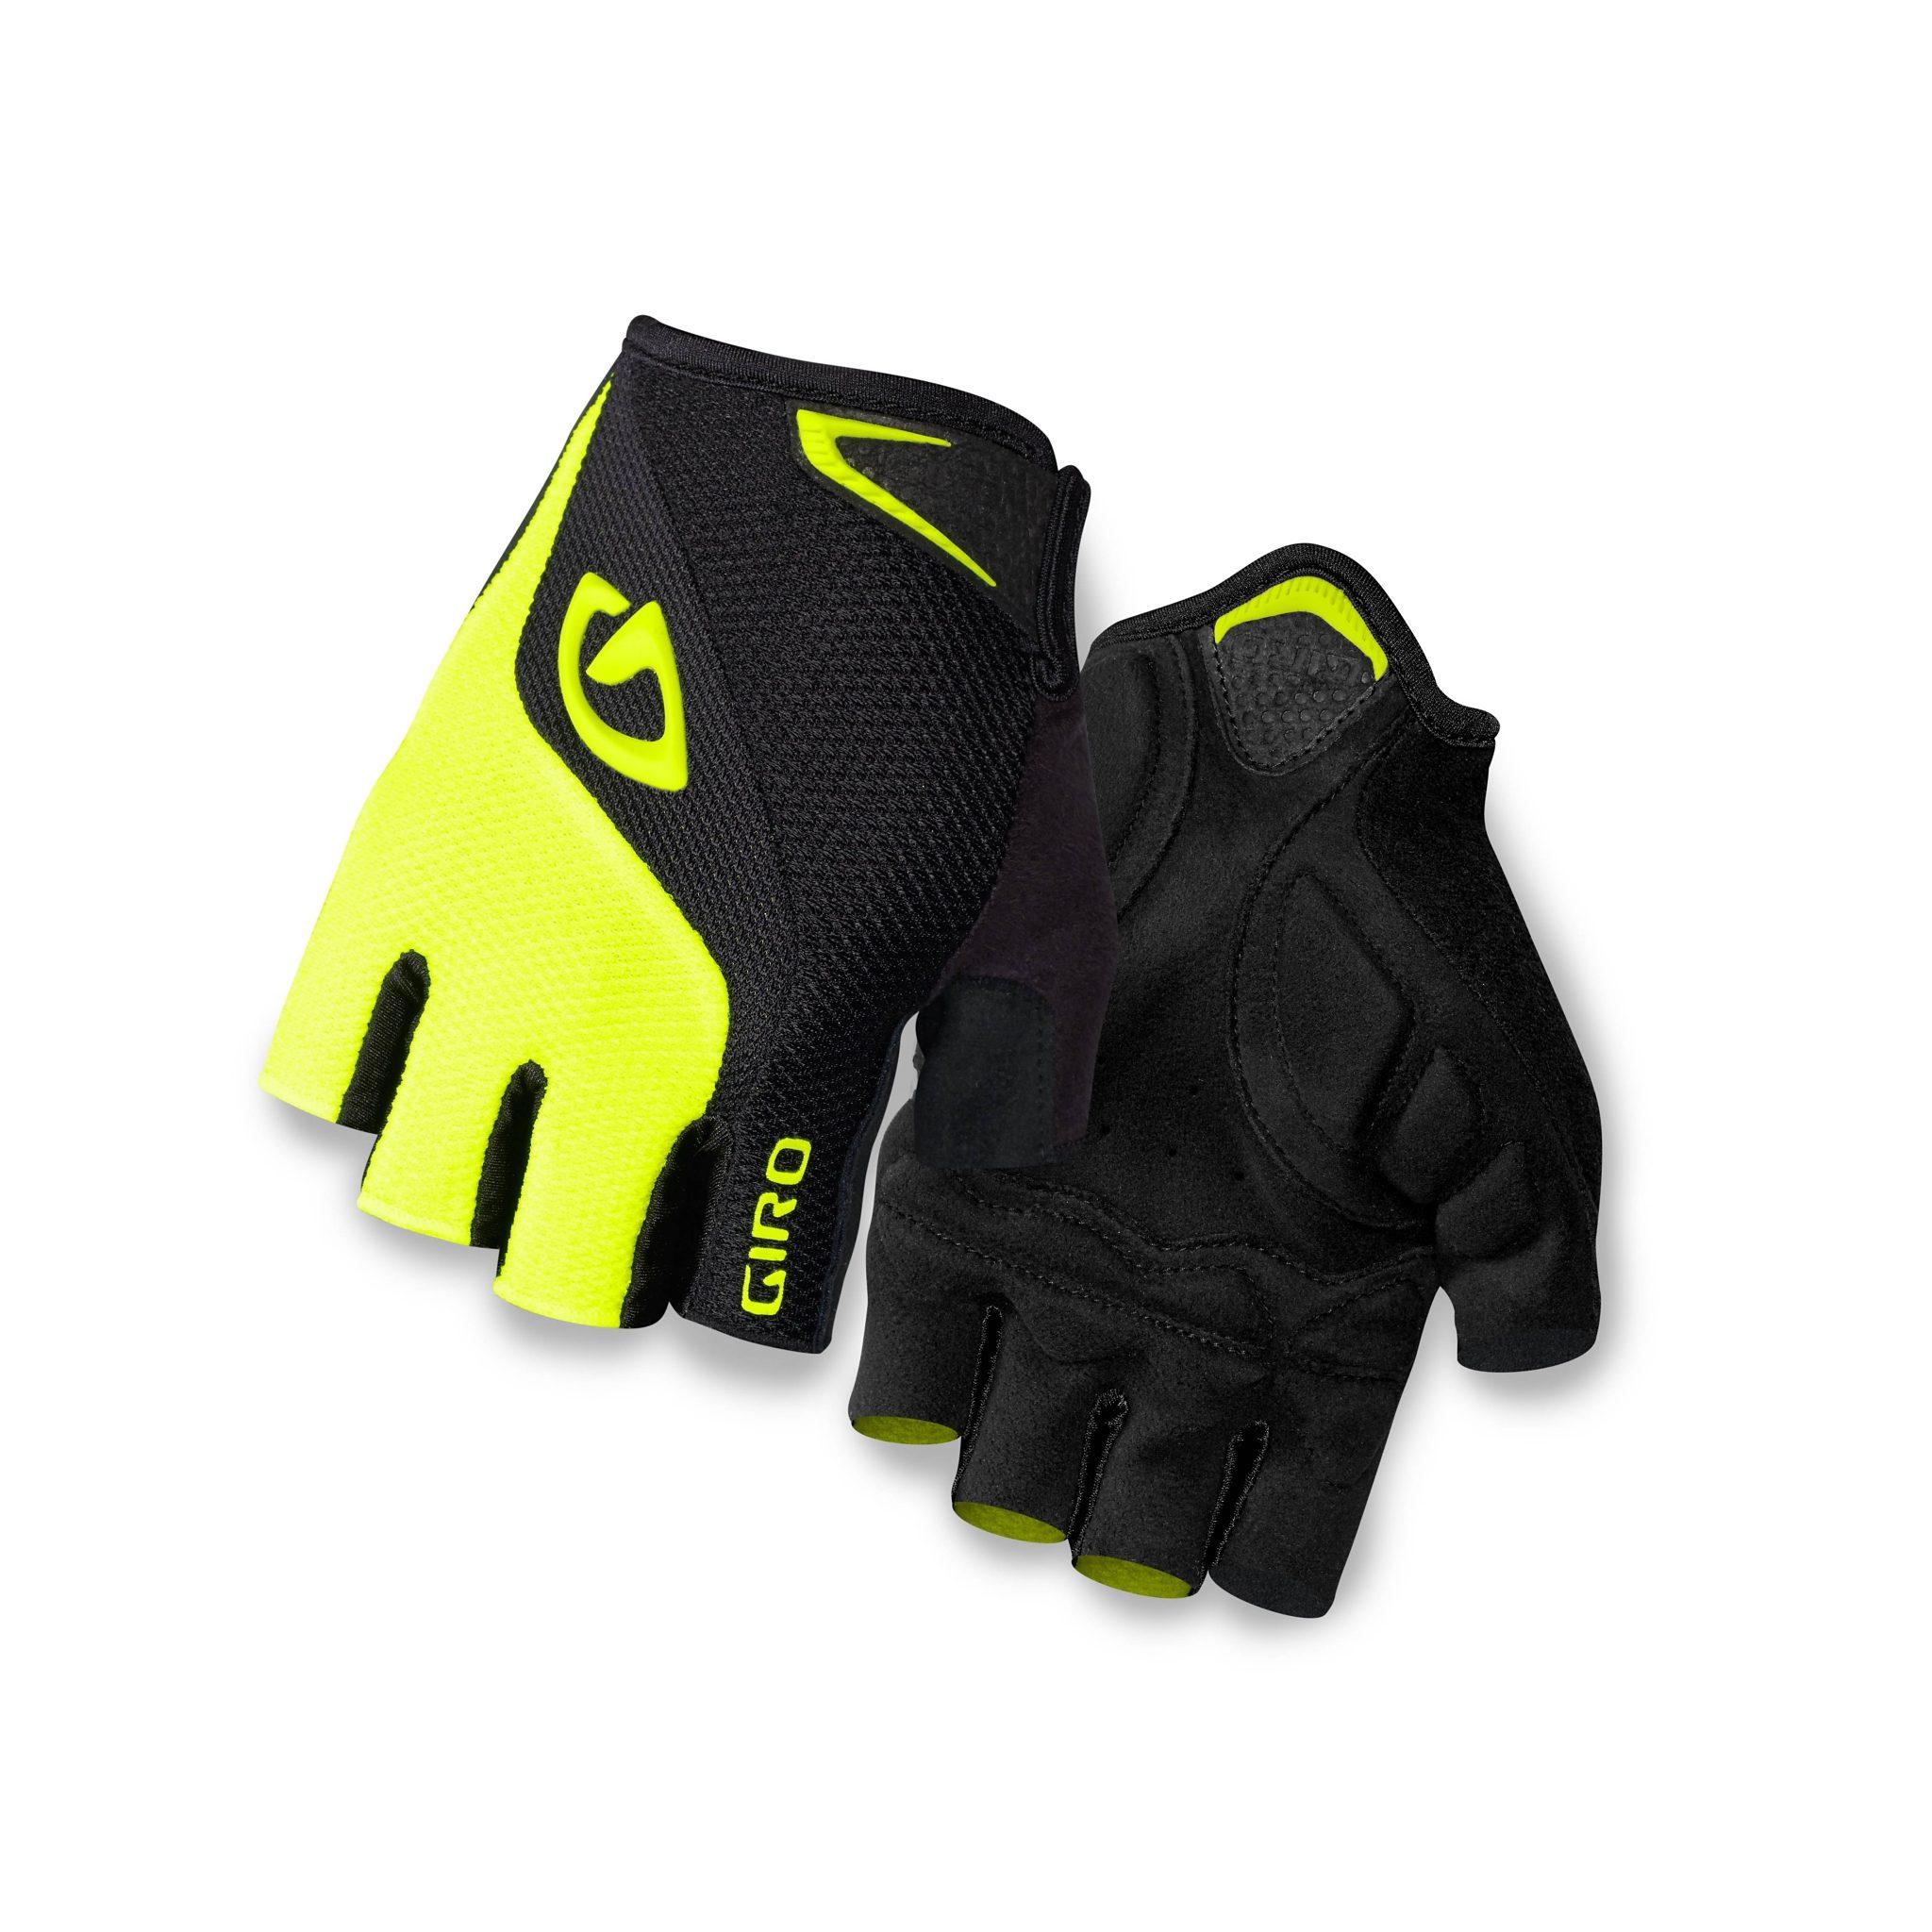 Giro Fahrrad Handschuhe »Bravo Gel Gloves«